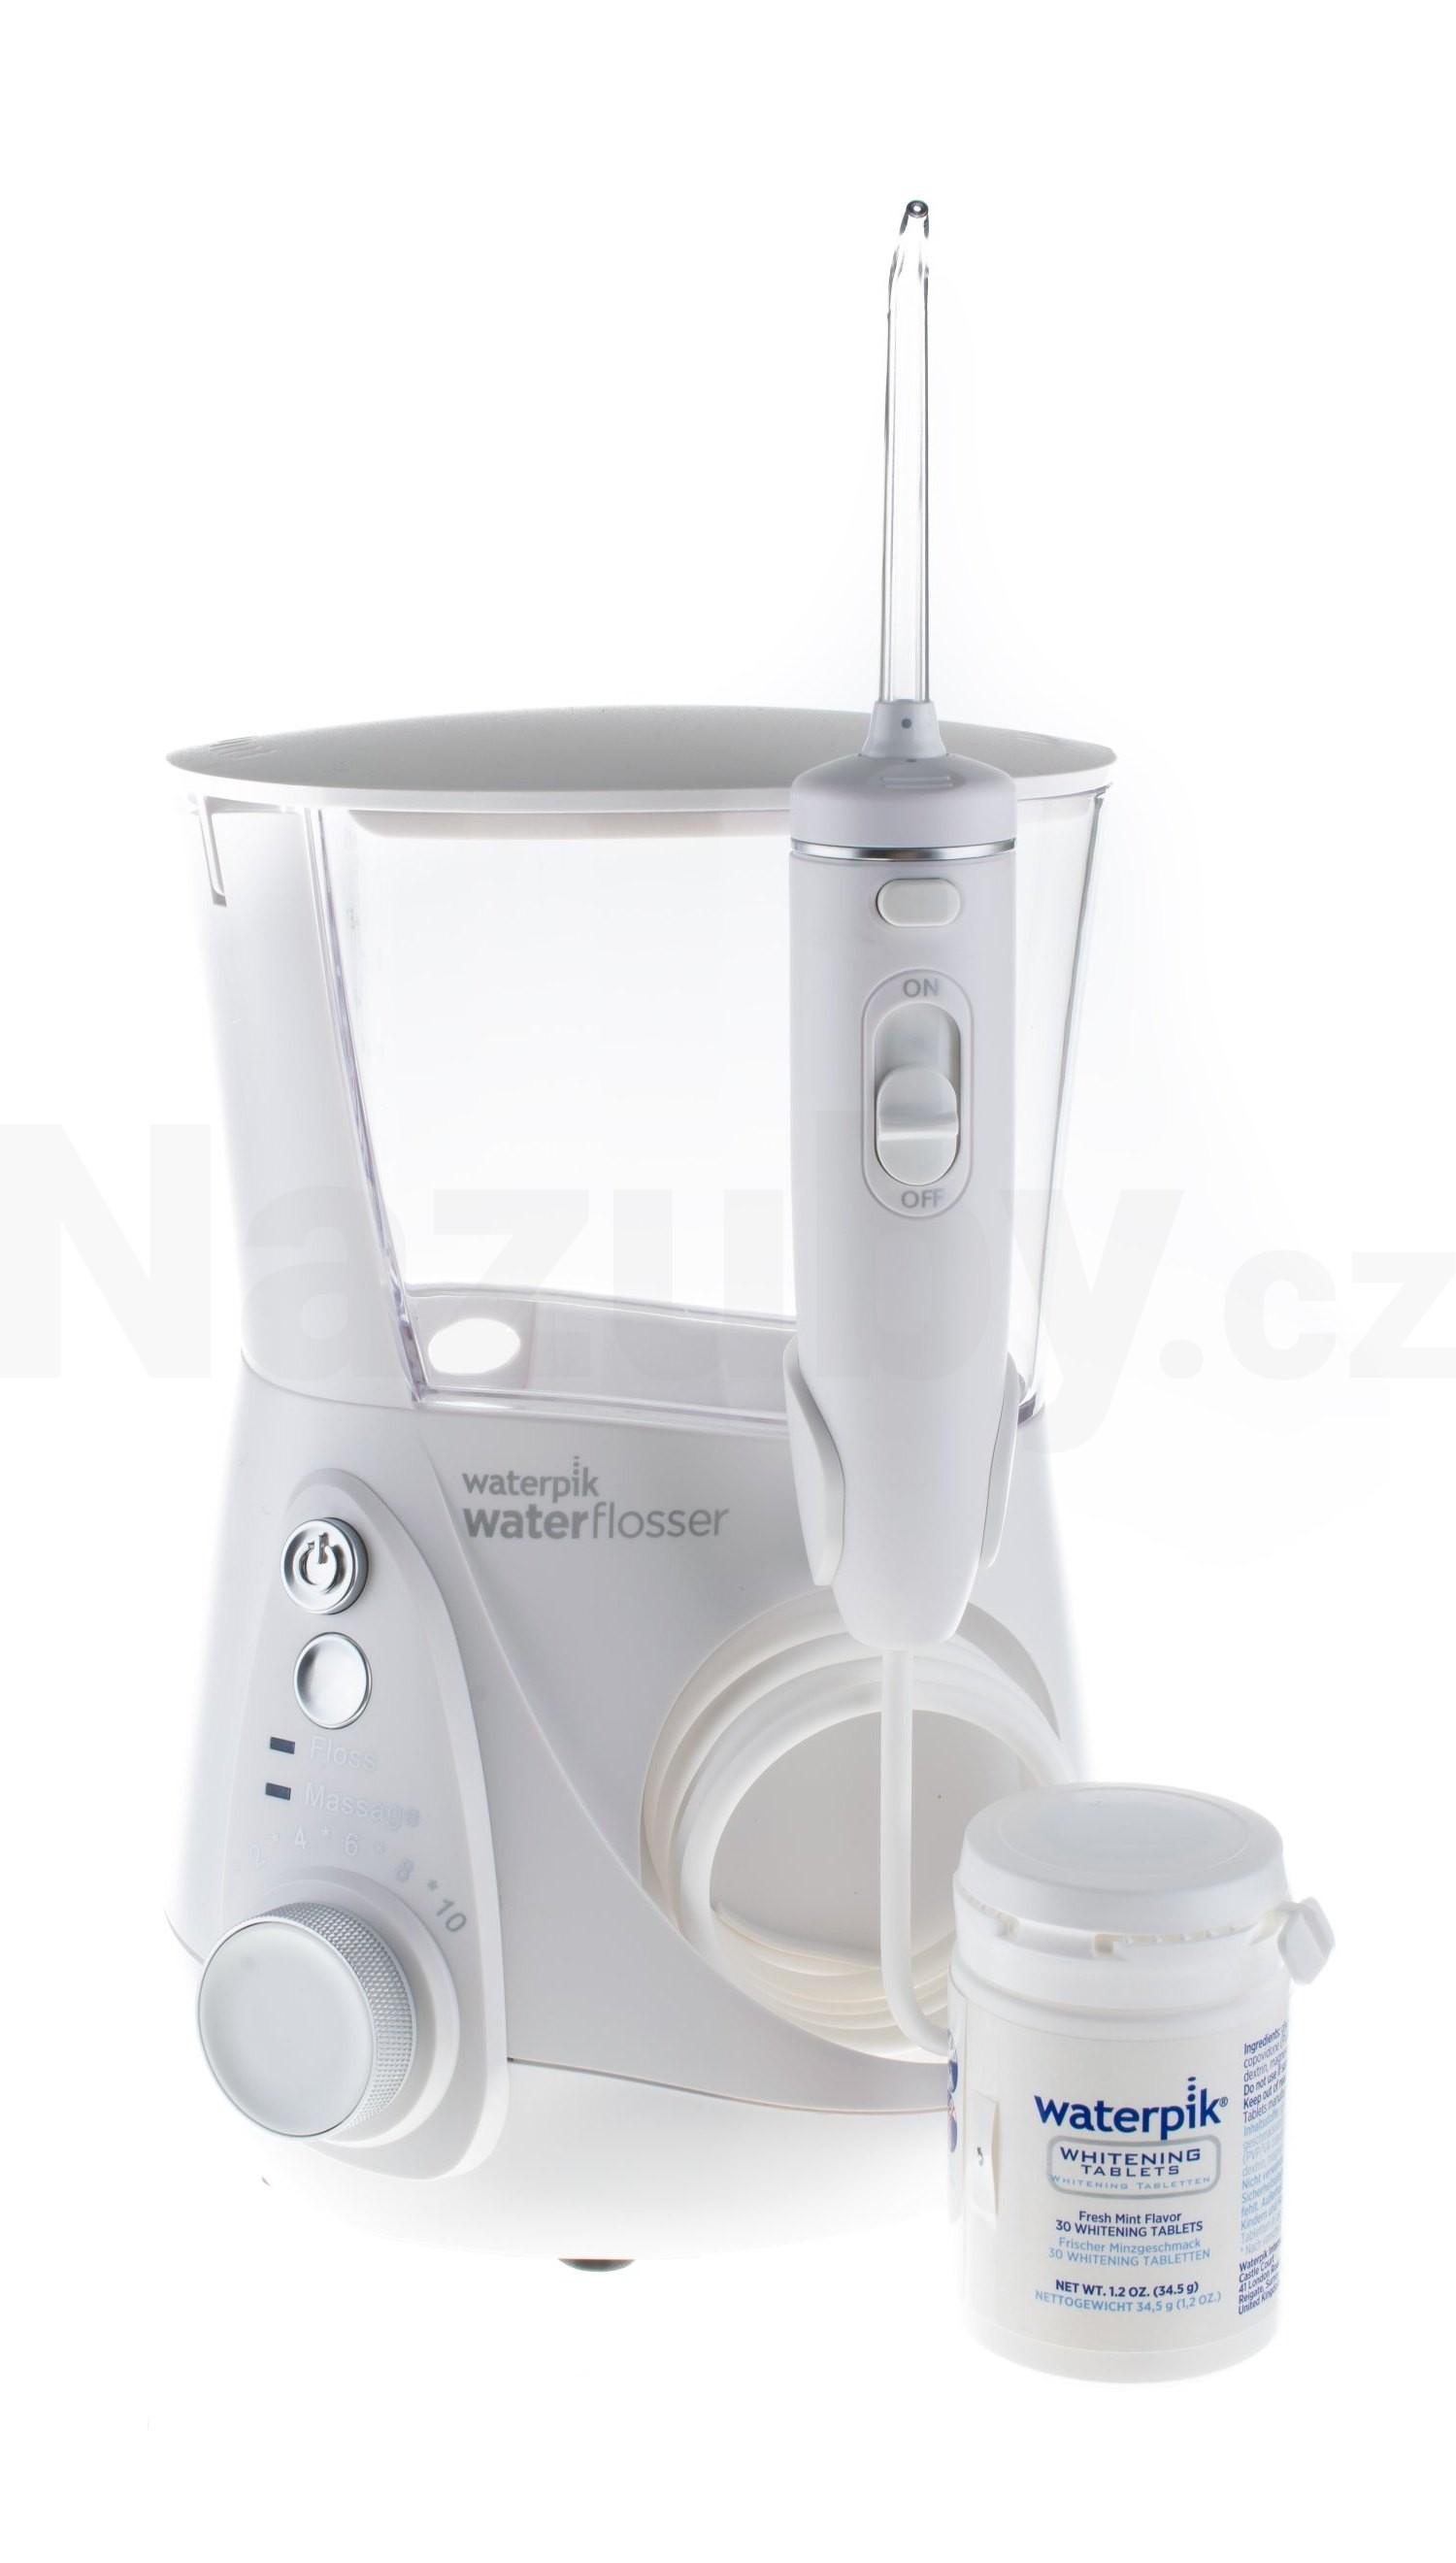 WaterPik Whitening Professional WF05 - 100 dní na vrácení zboží